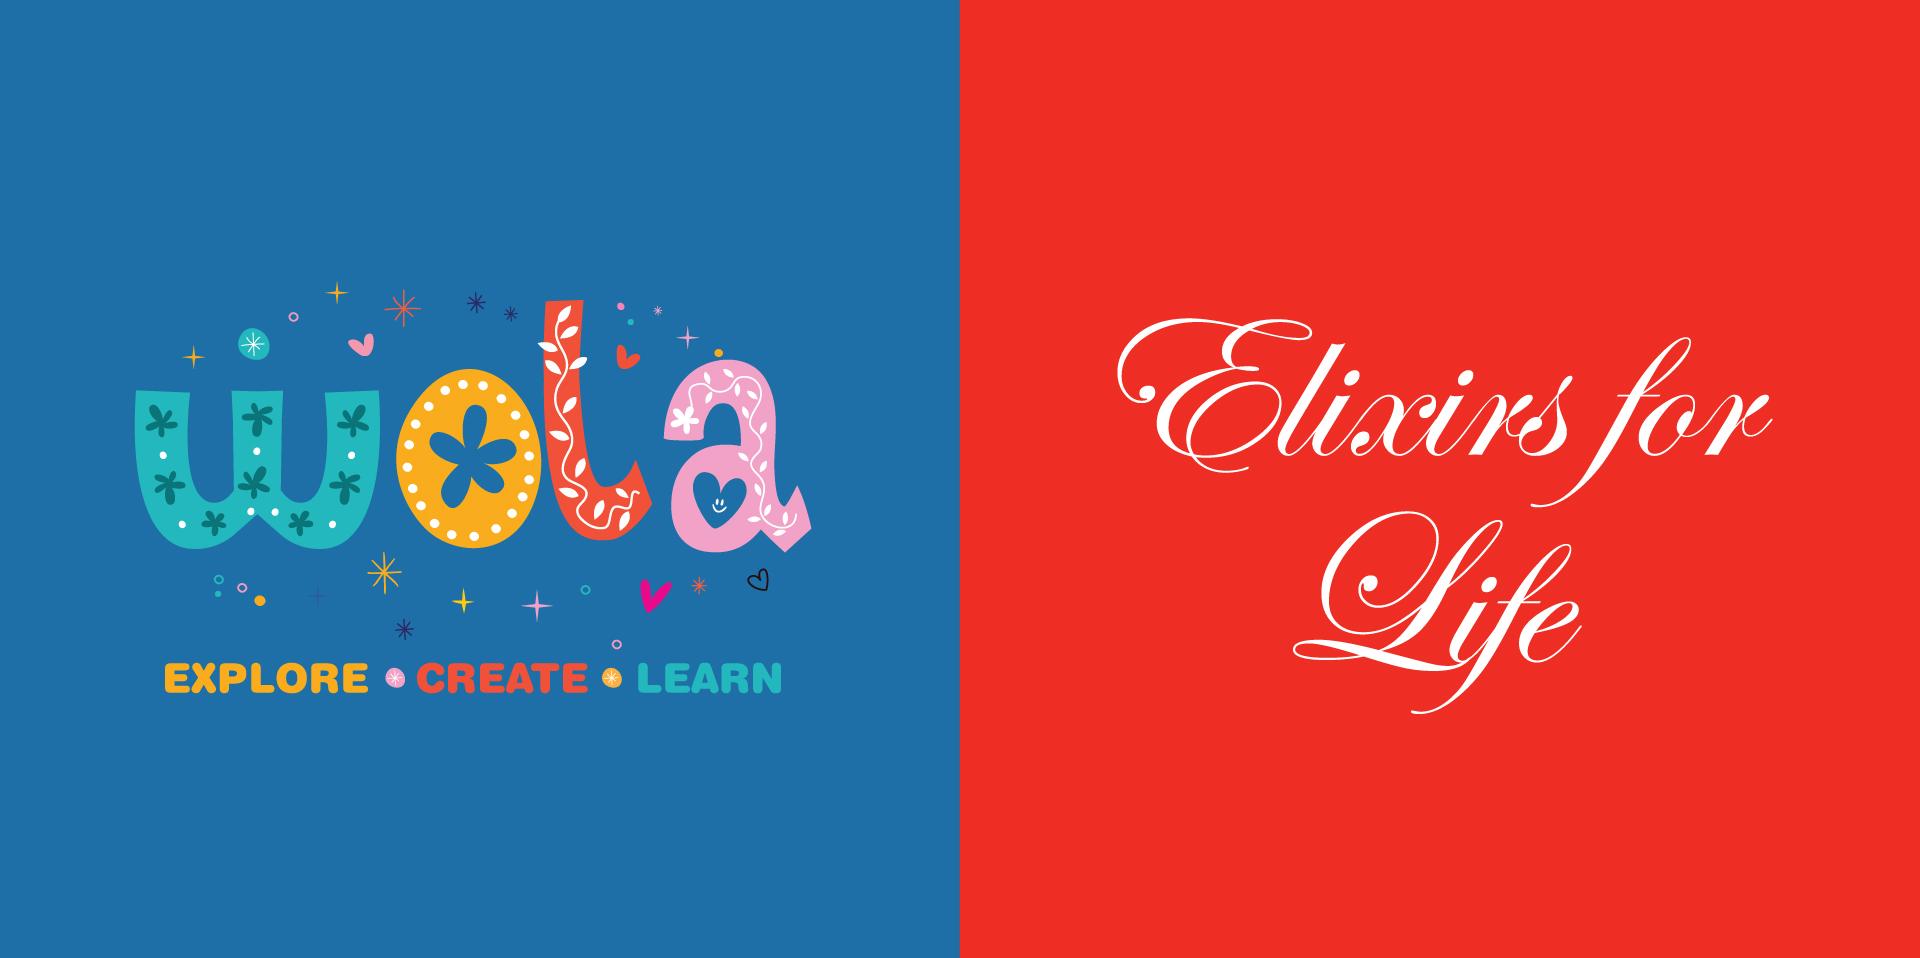 Brand Design Agency Worcester